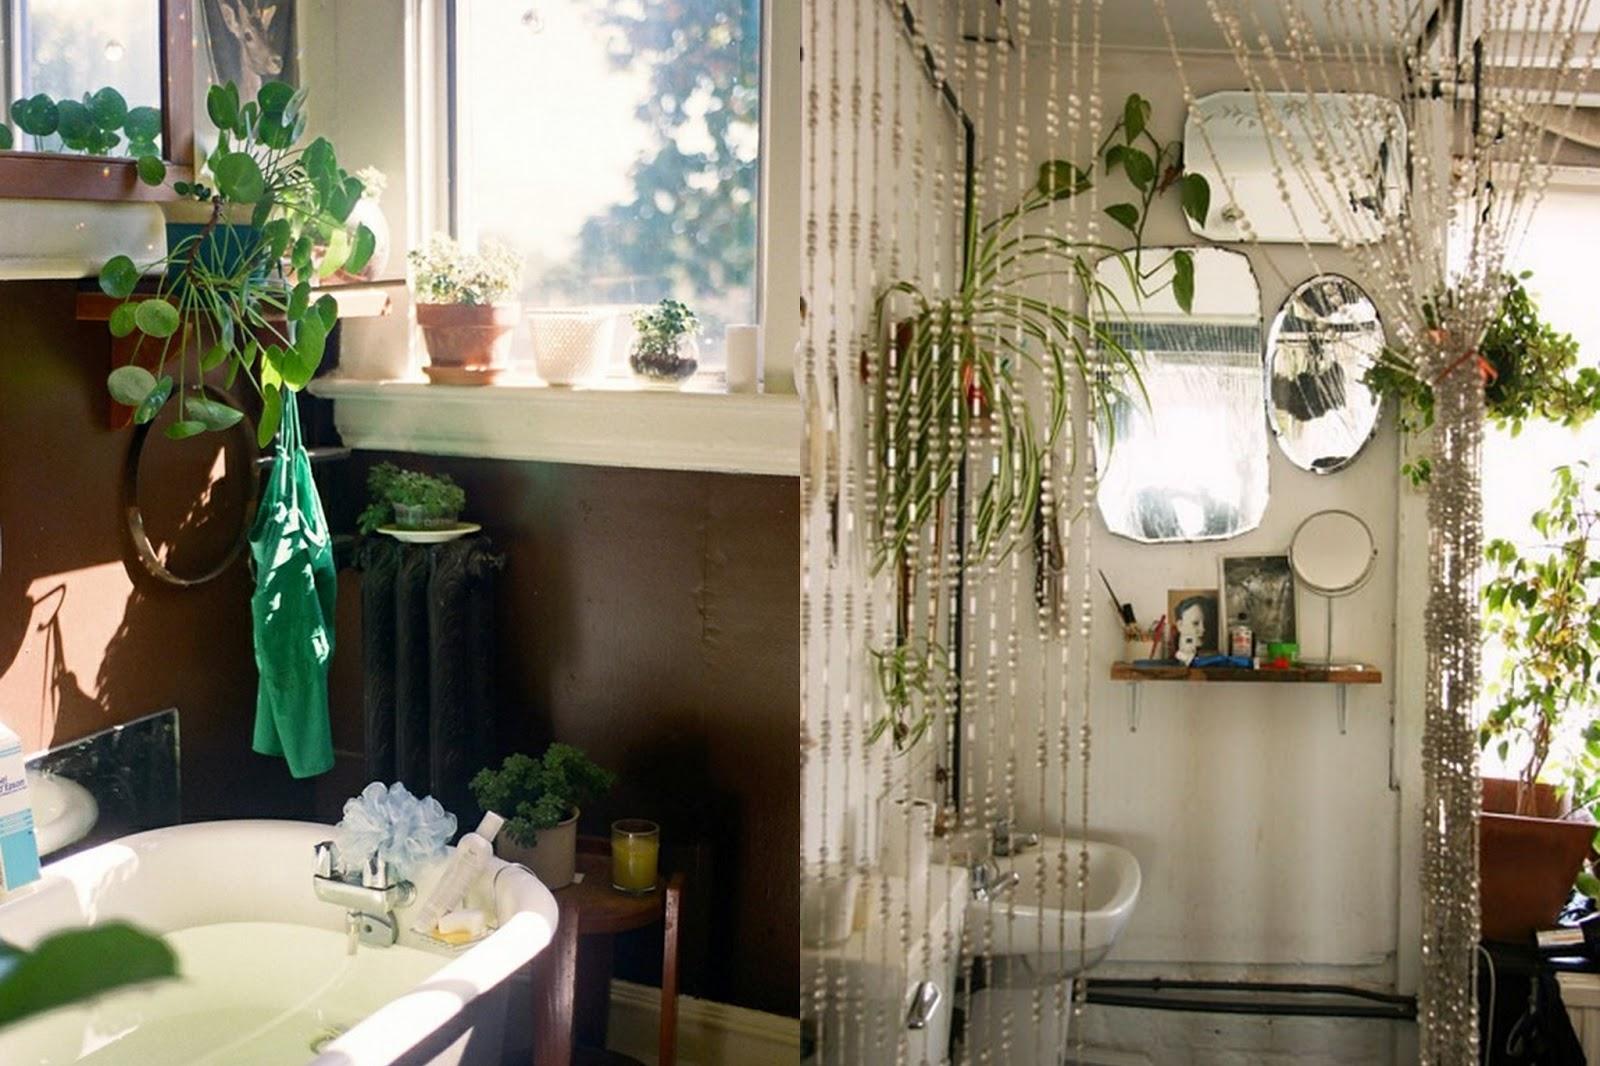 GYPSY YAYA: Beautiful Bohemian Bathrooms